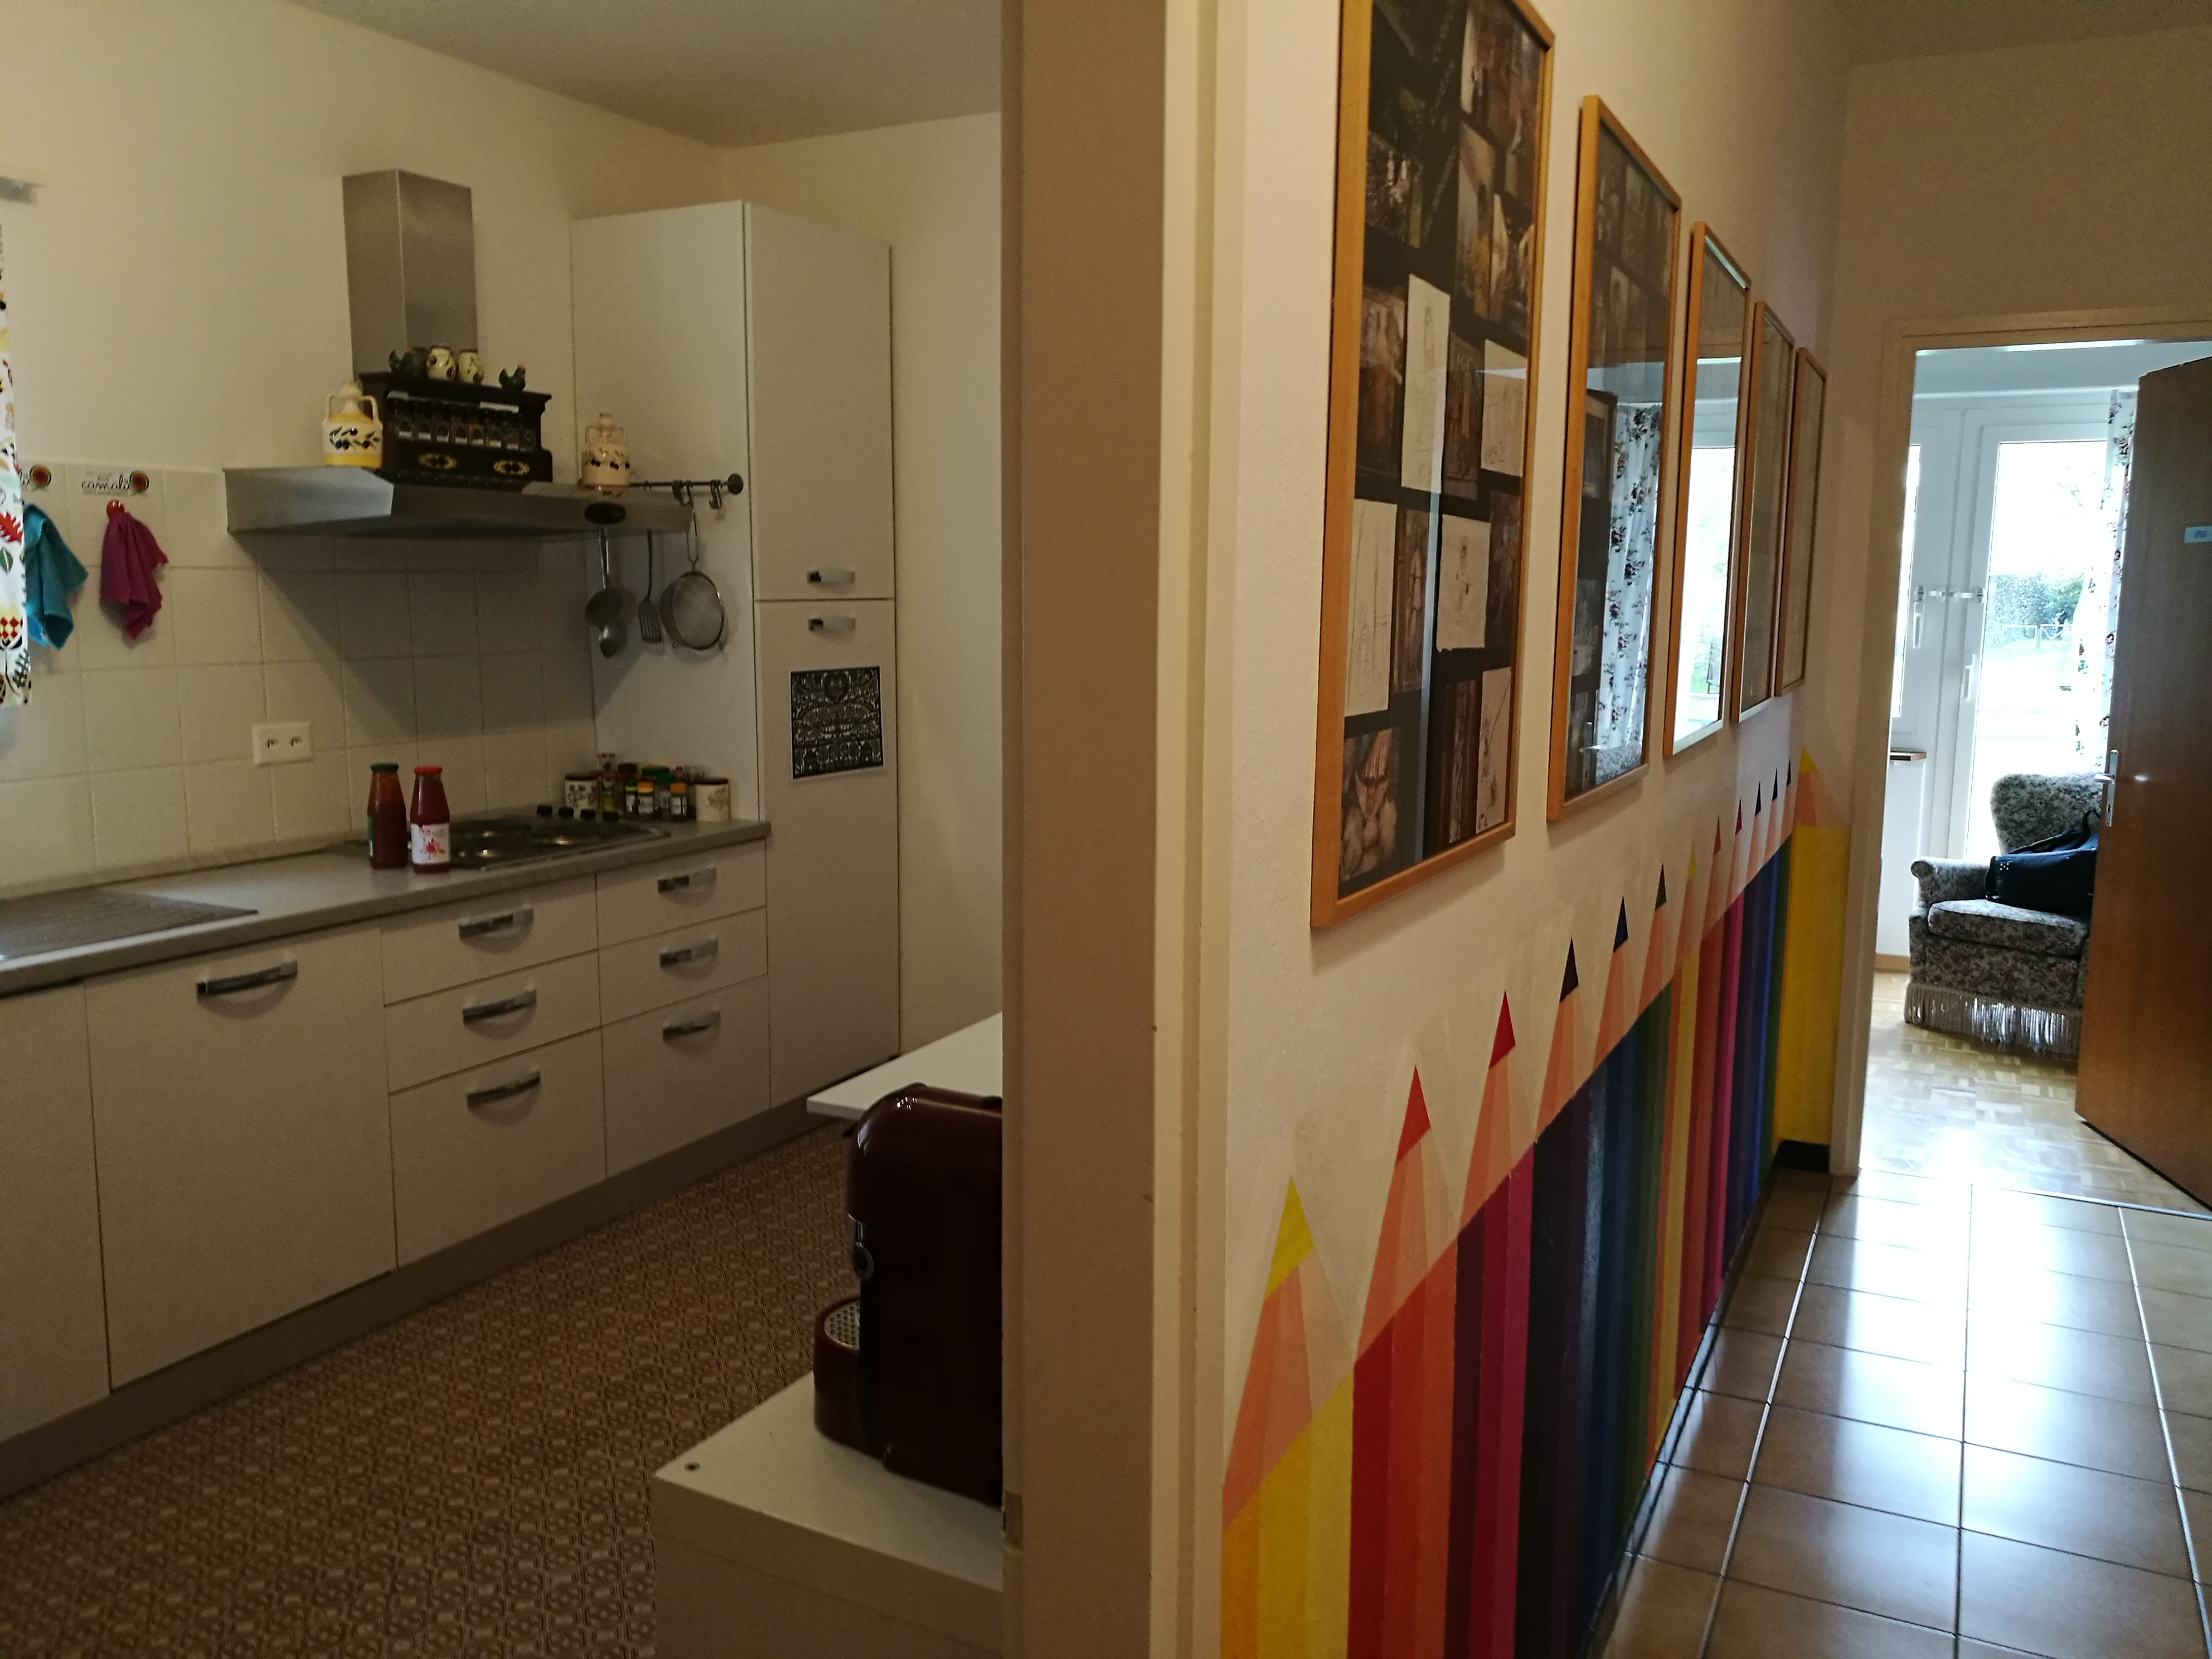 la cucina e il corridoio con le matite colorate